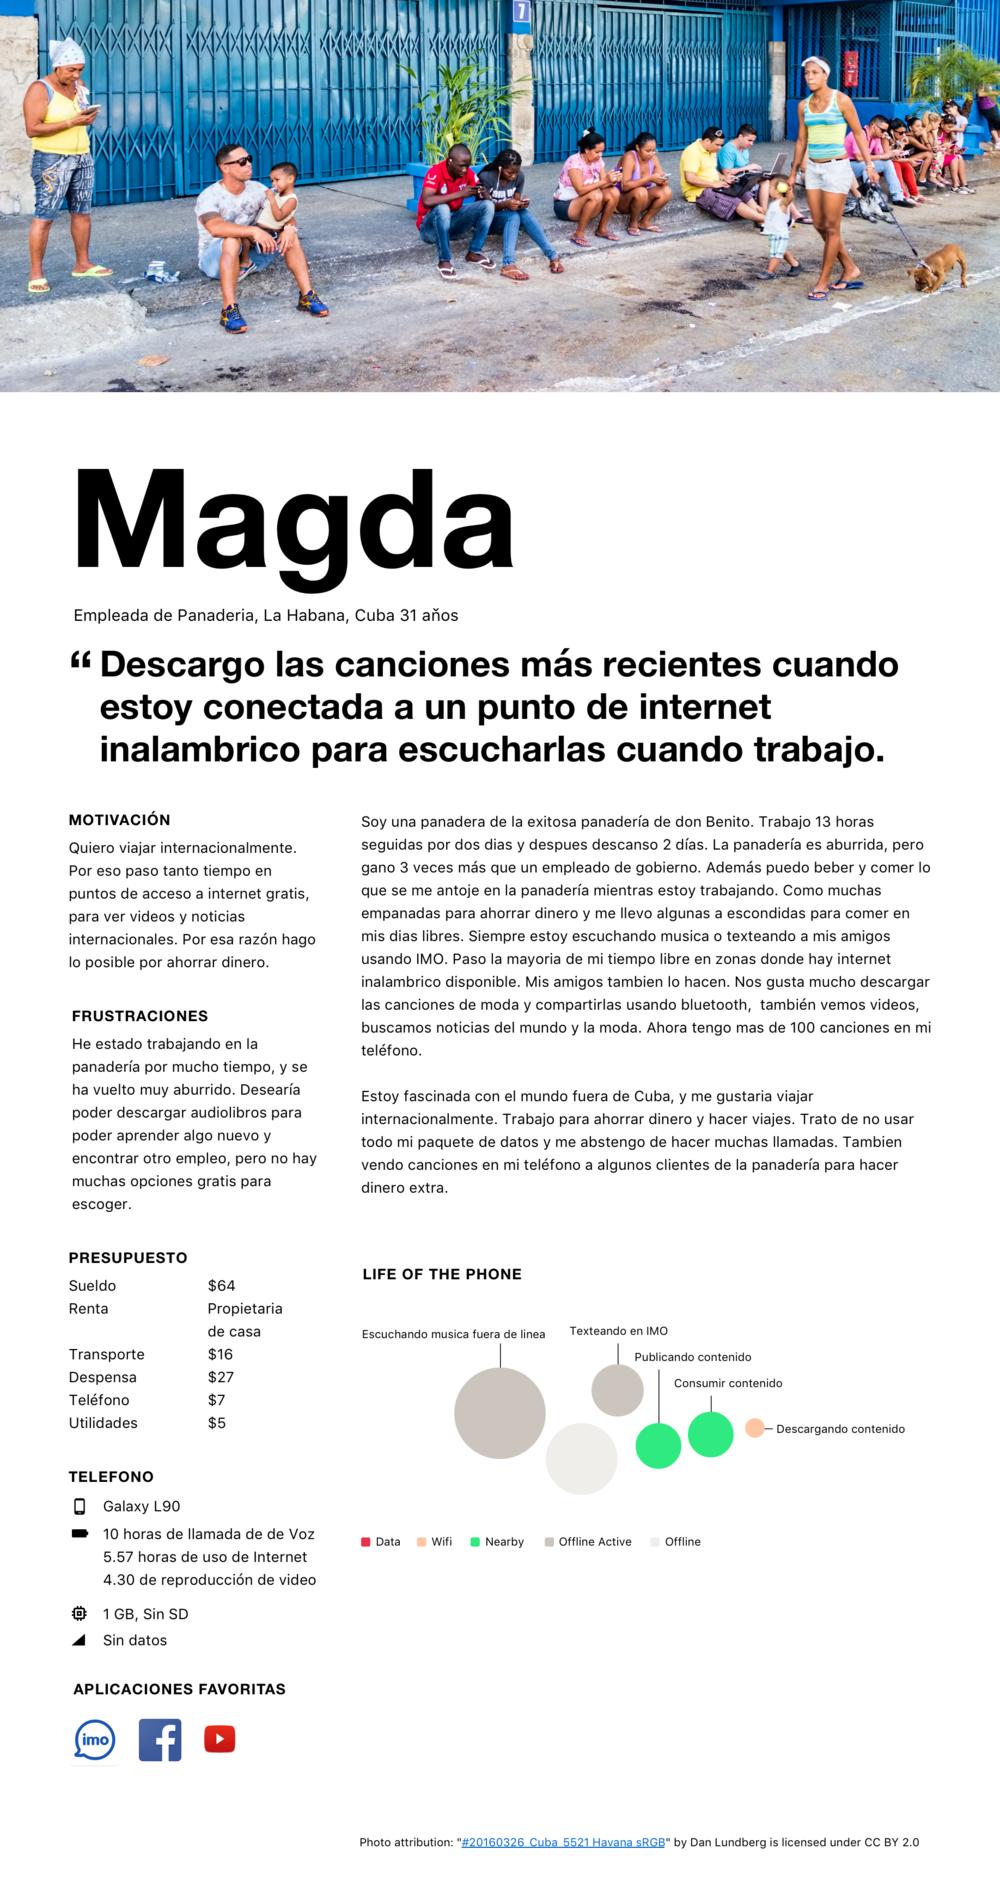 ux-persona-cuba-Magda@3x.png